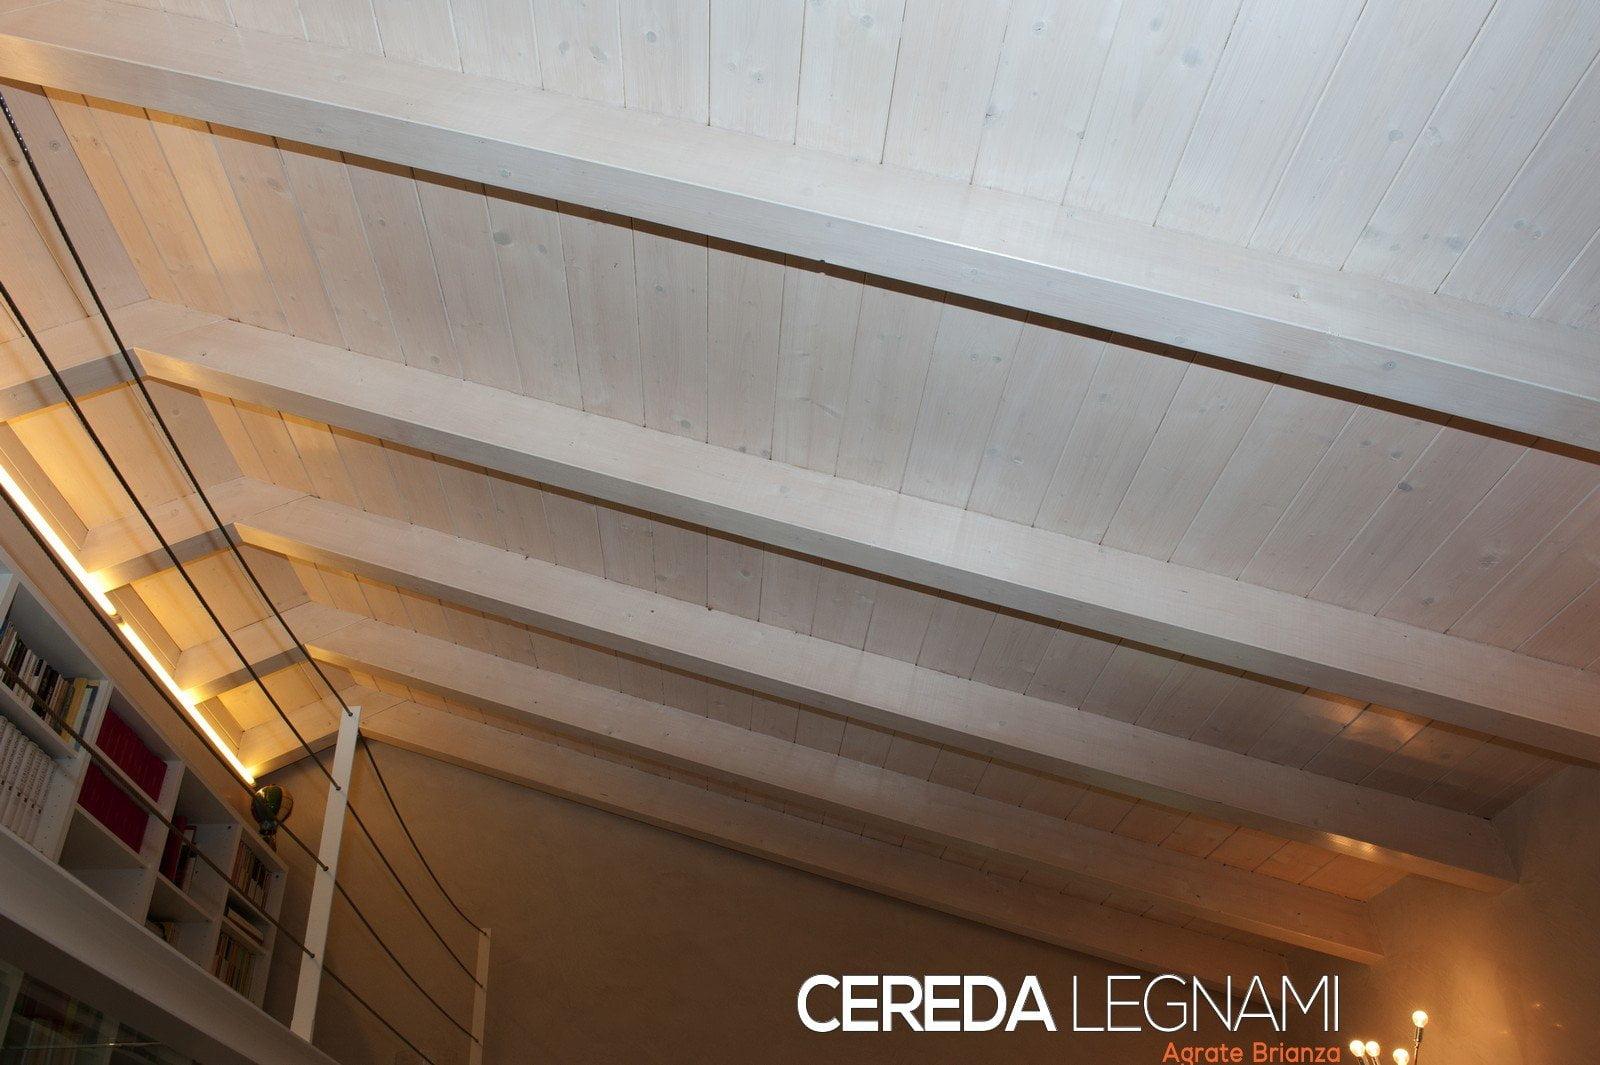 Tetti in legno cereda legnami agrate brianza for Rivestimento perline legno bianco